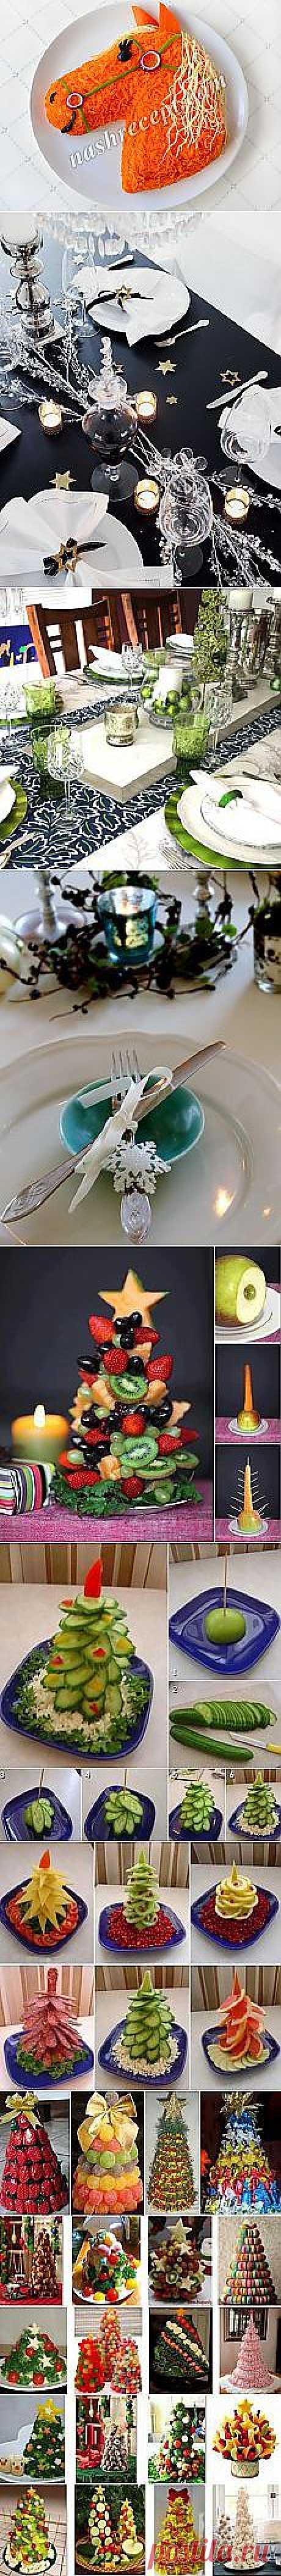 ♞ Кусочек Постилы к чаю. Собираем идеи для Нового года! - gwi1951@mail.ru - Почта Mail.Ru